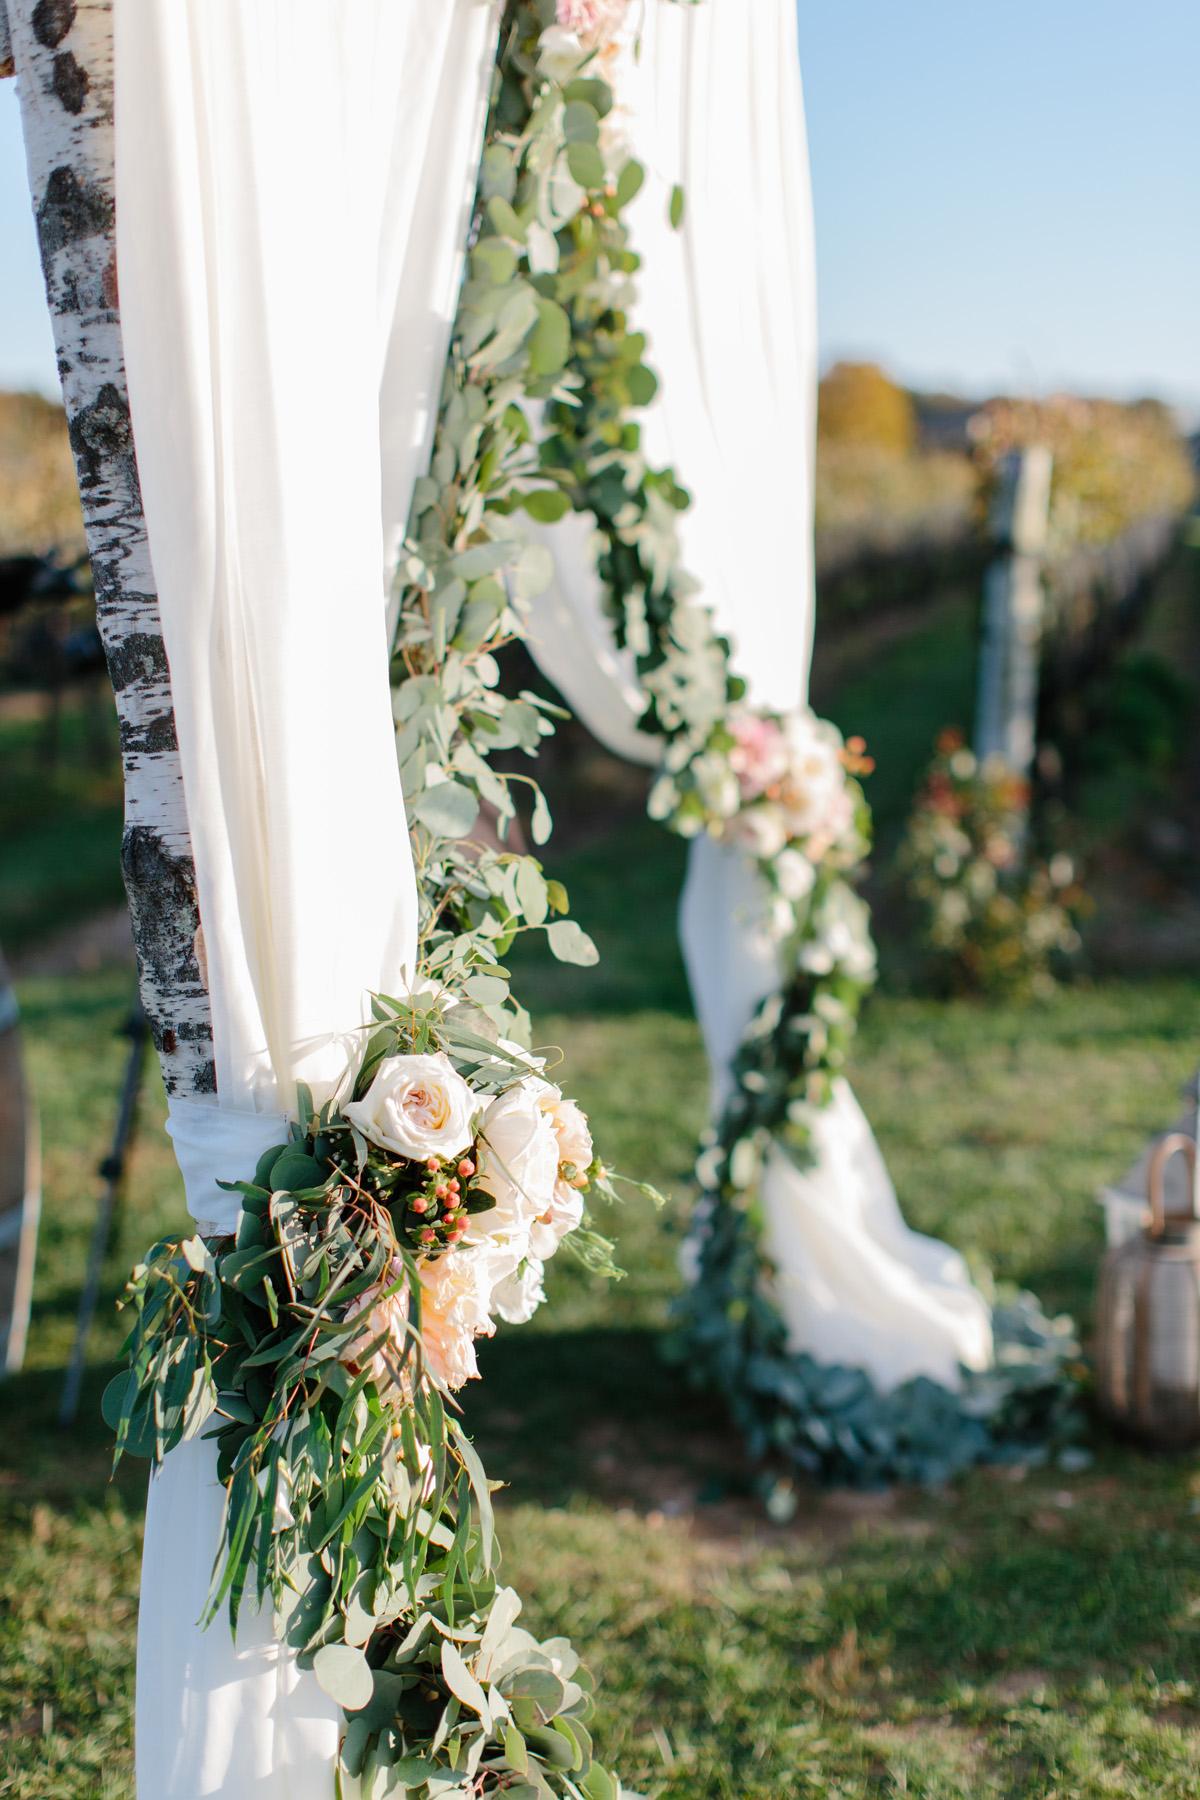 Garland and Drapery Wedding Arch Elizabeth Anne Designs The